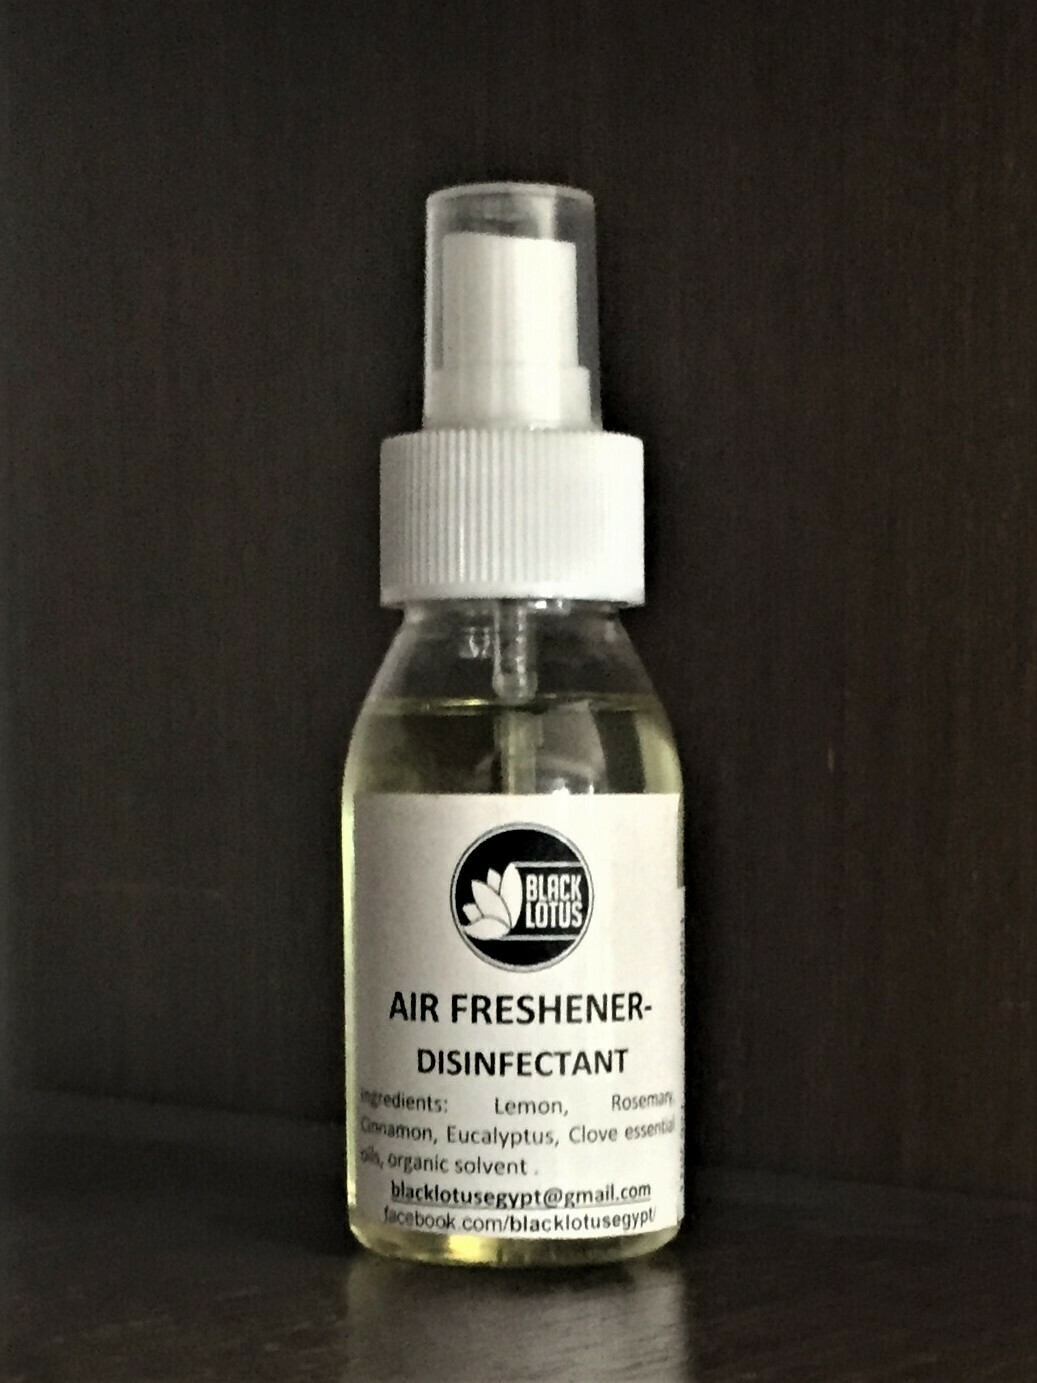 Air Freshner Disinfectant